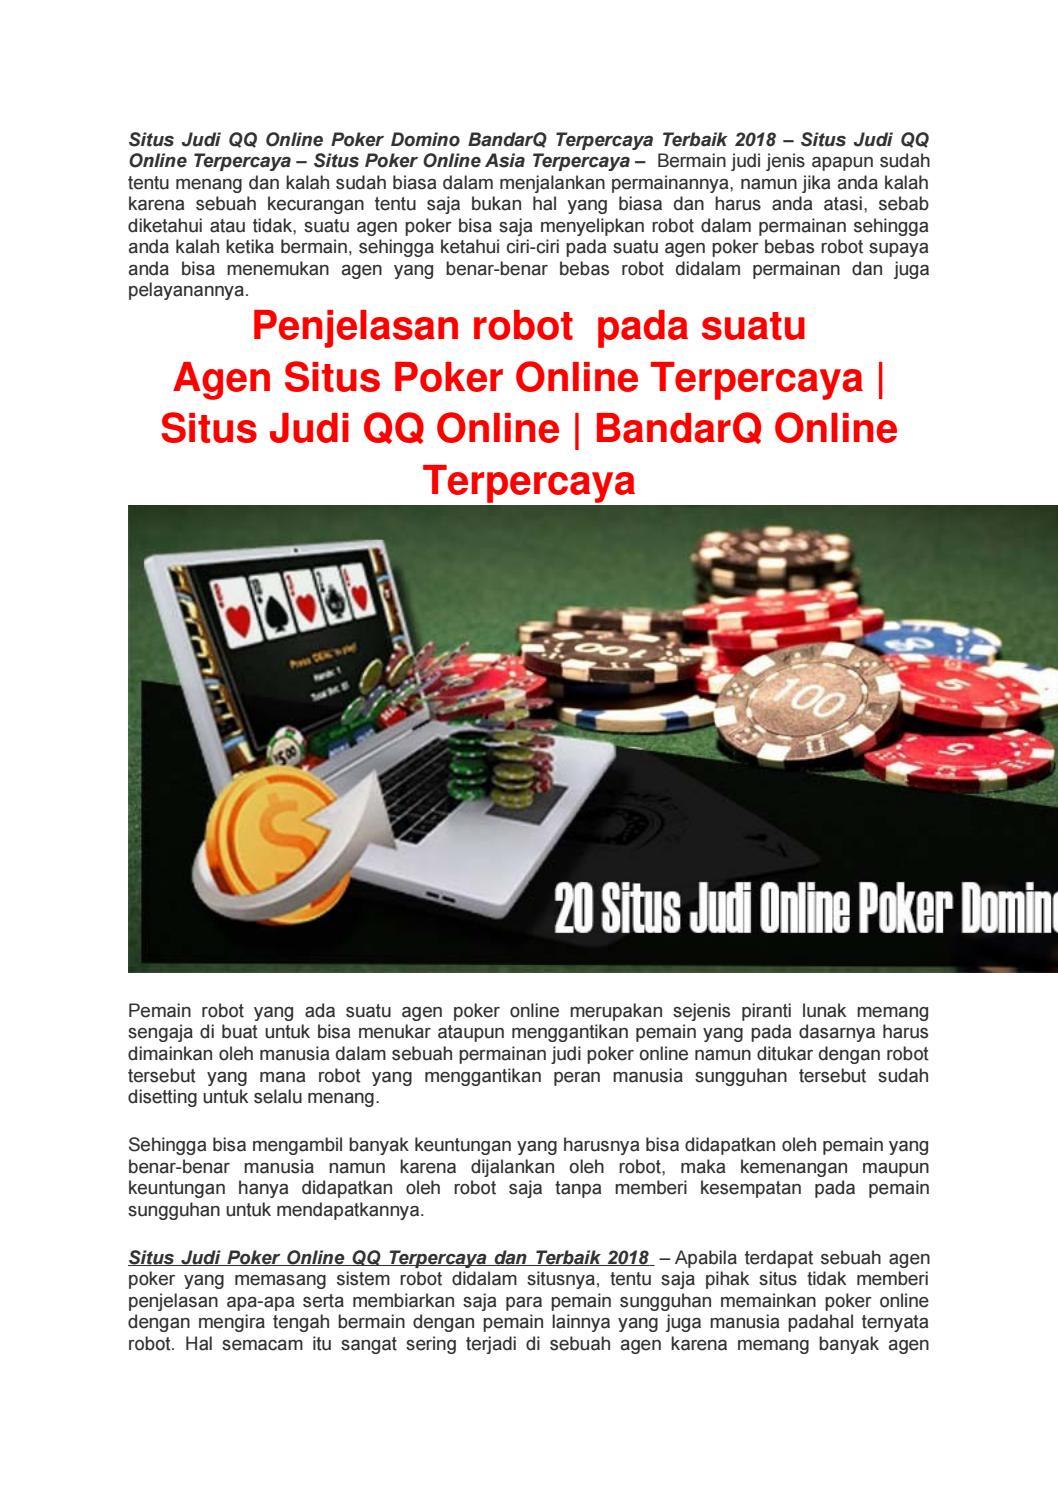 Situs Judi Qq Online Poker Domino Bandarq Terpercaya Terbaik 2018 By Situsagenpoker Issuu